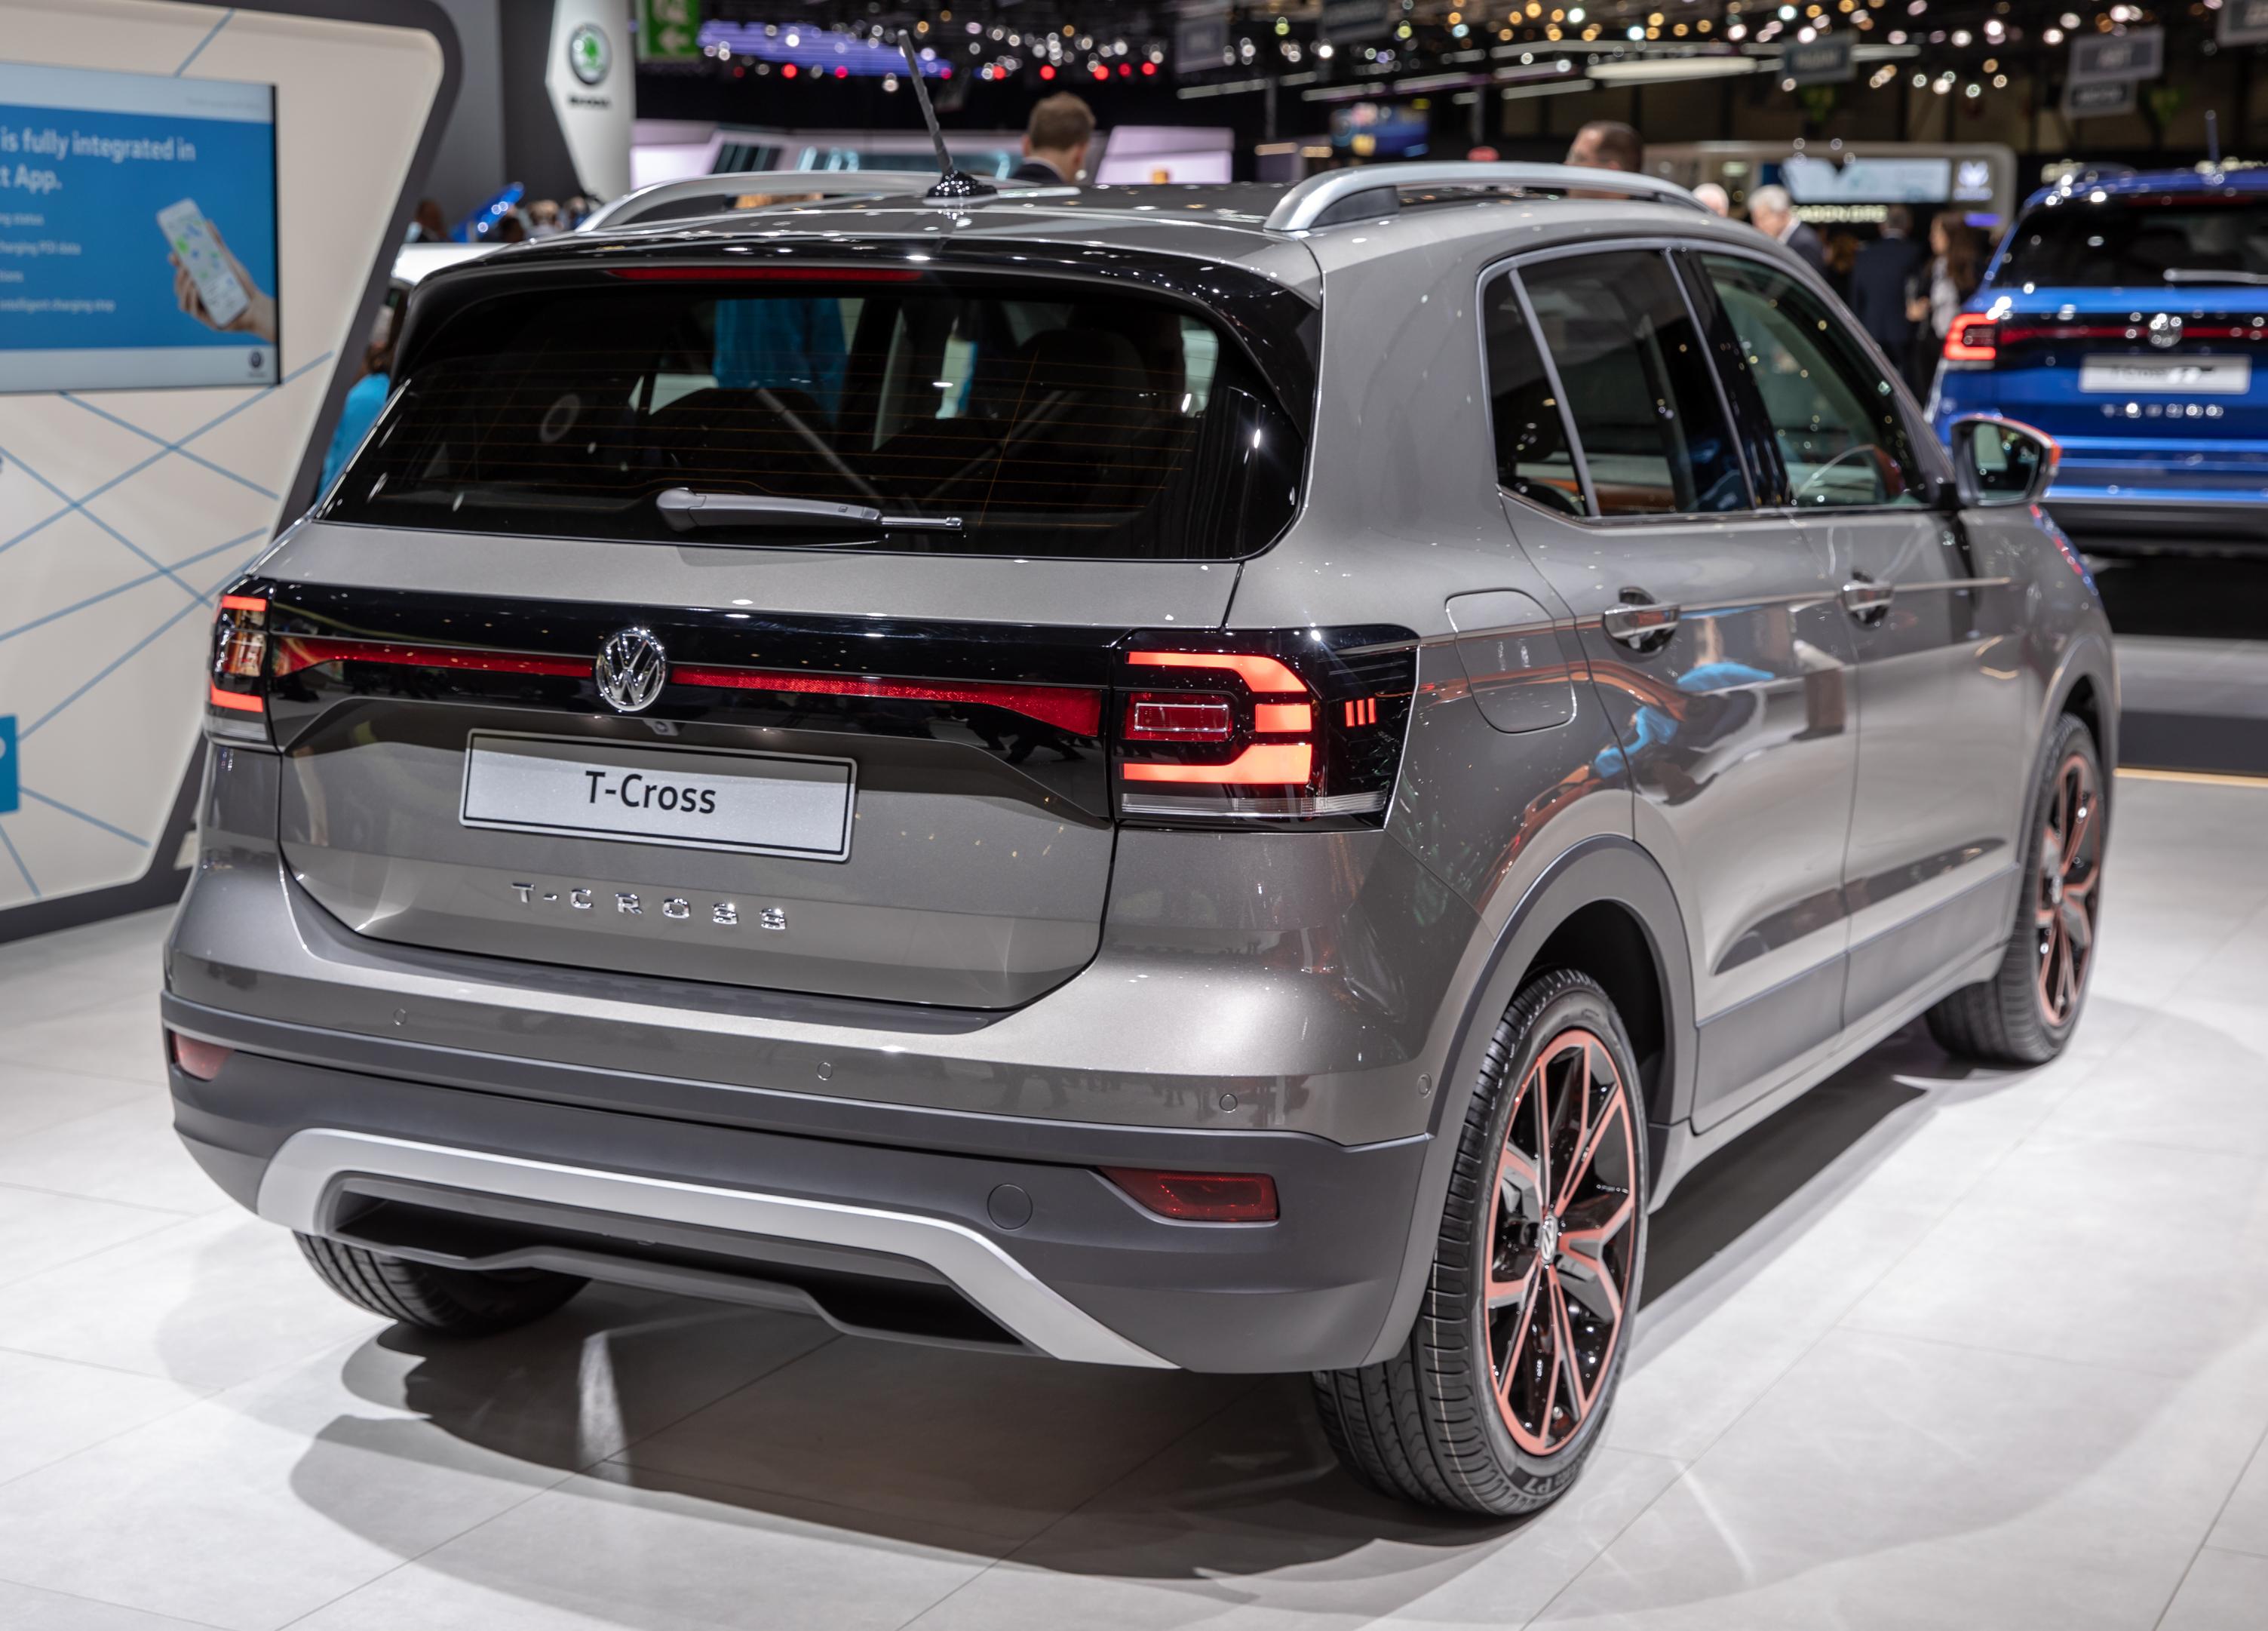 Fichier:Volkswagen T-Cross, GIMS 2019, Le Grand-Saconnex ...